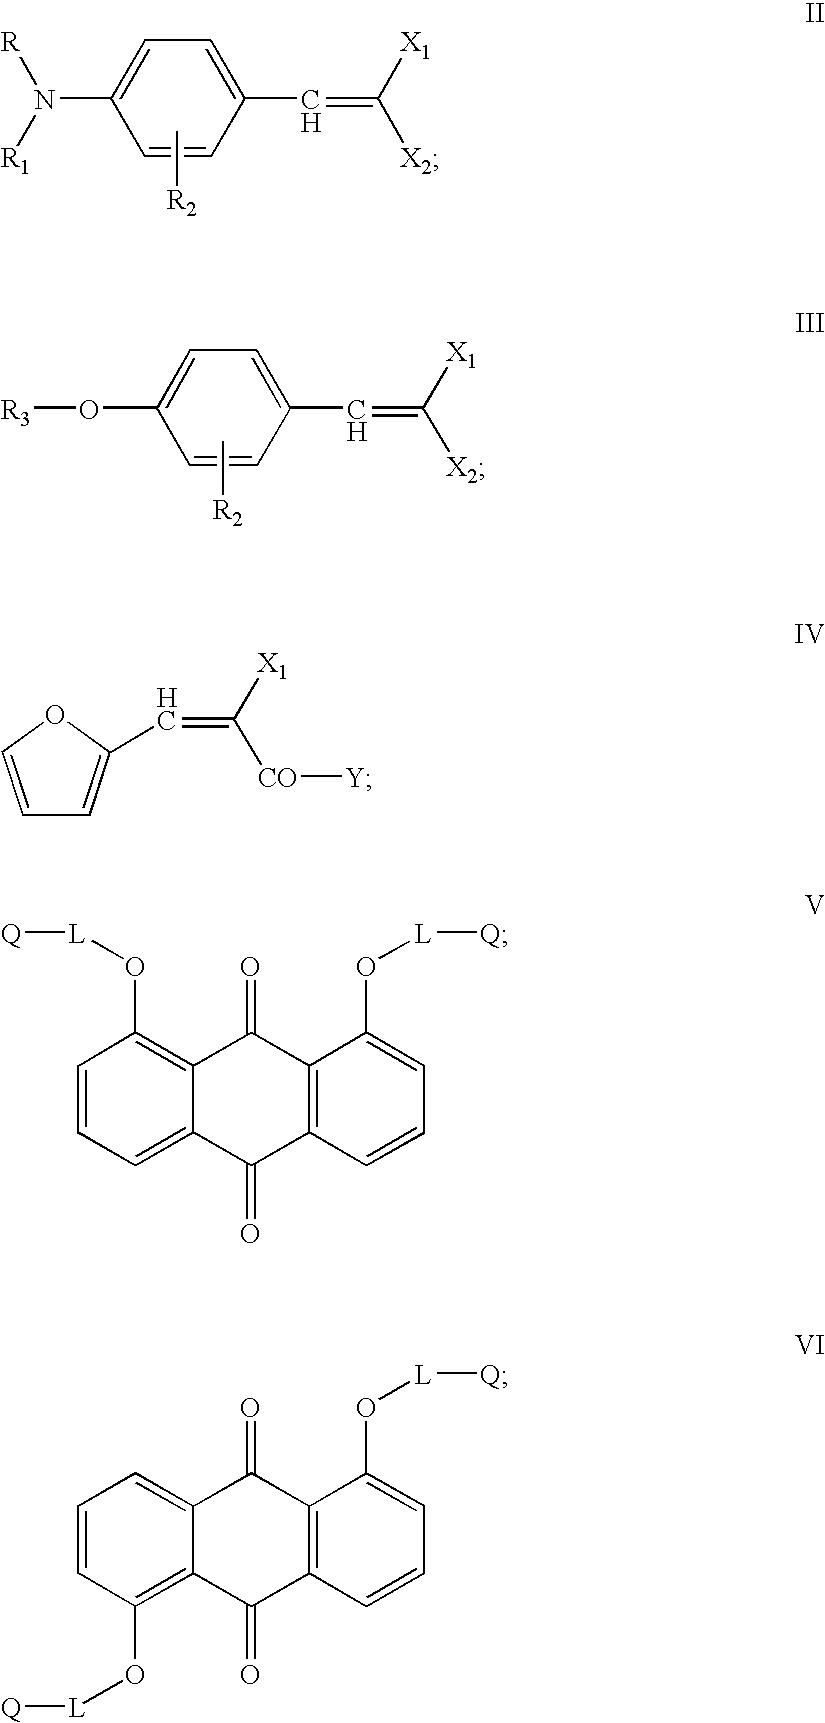 Figure US20060115516A1-20060601-C00127